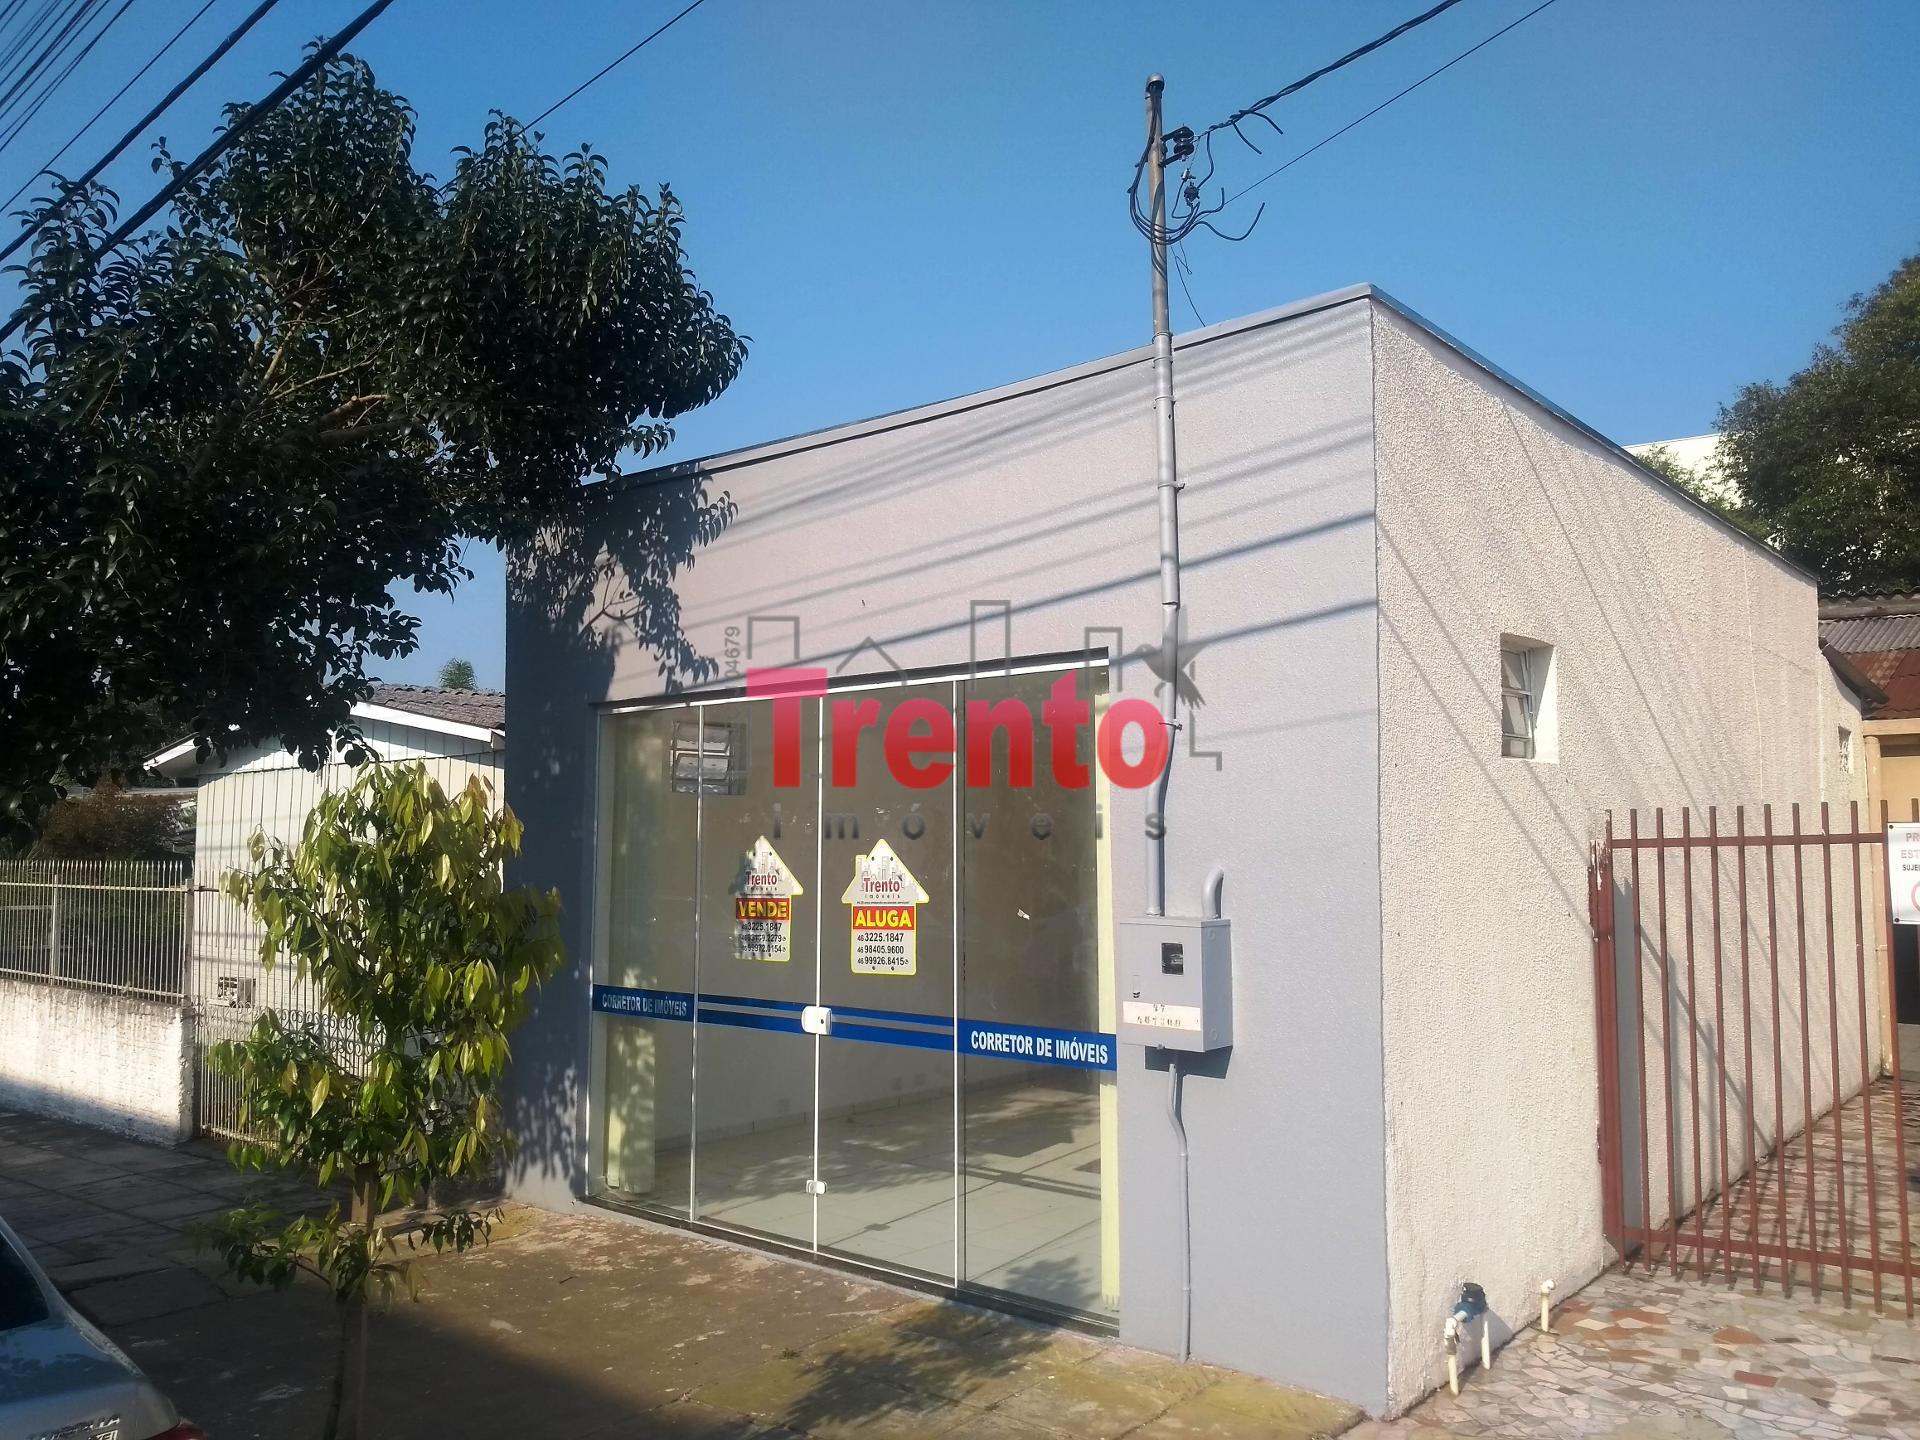 SALA COMERCIAL BAIRRO TREVO DA GUARANI - PATO BRANCO/PR